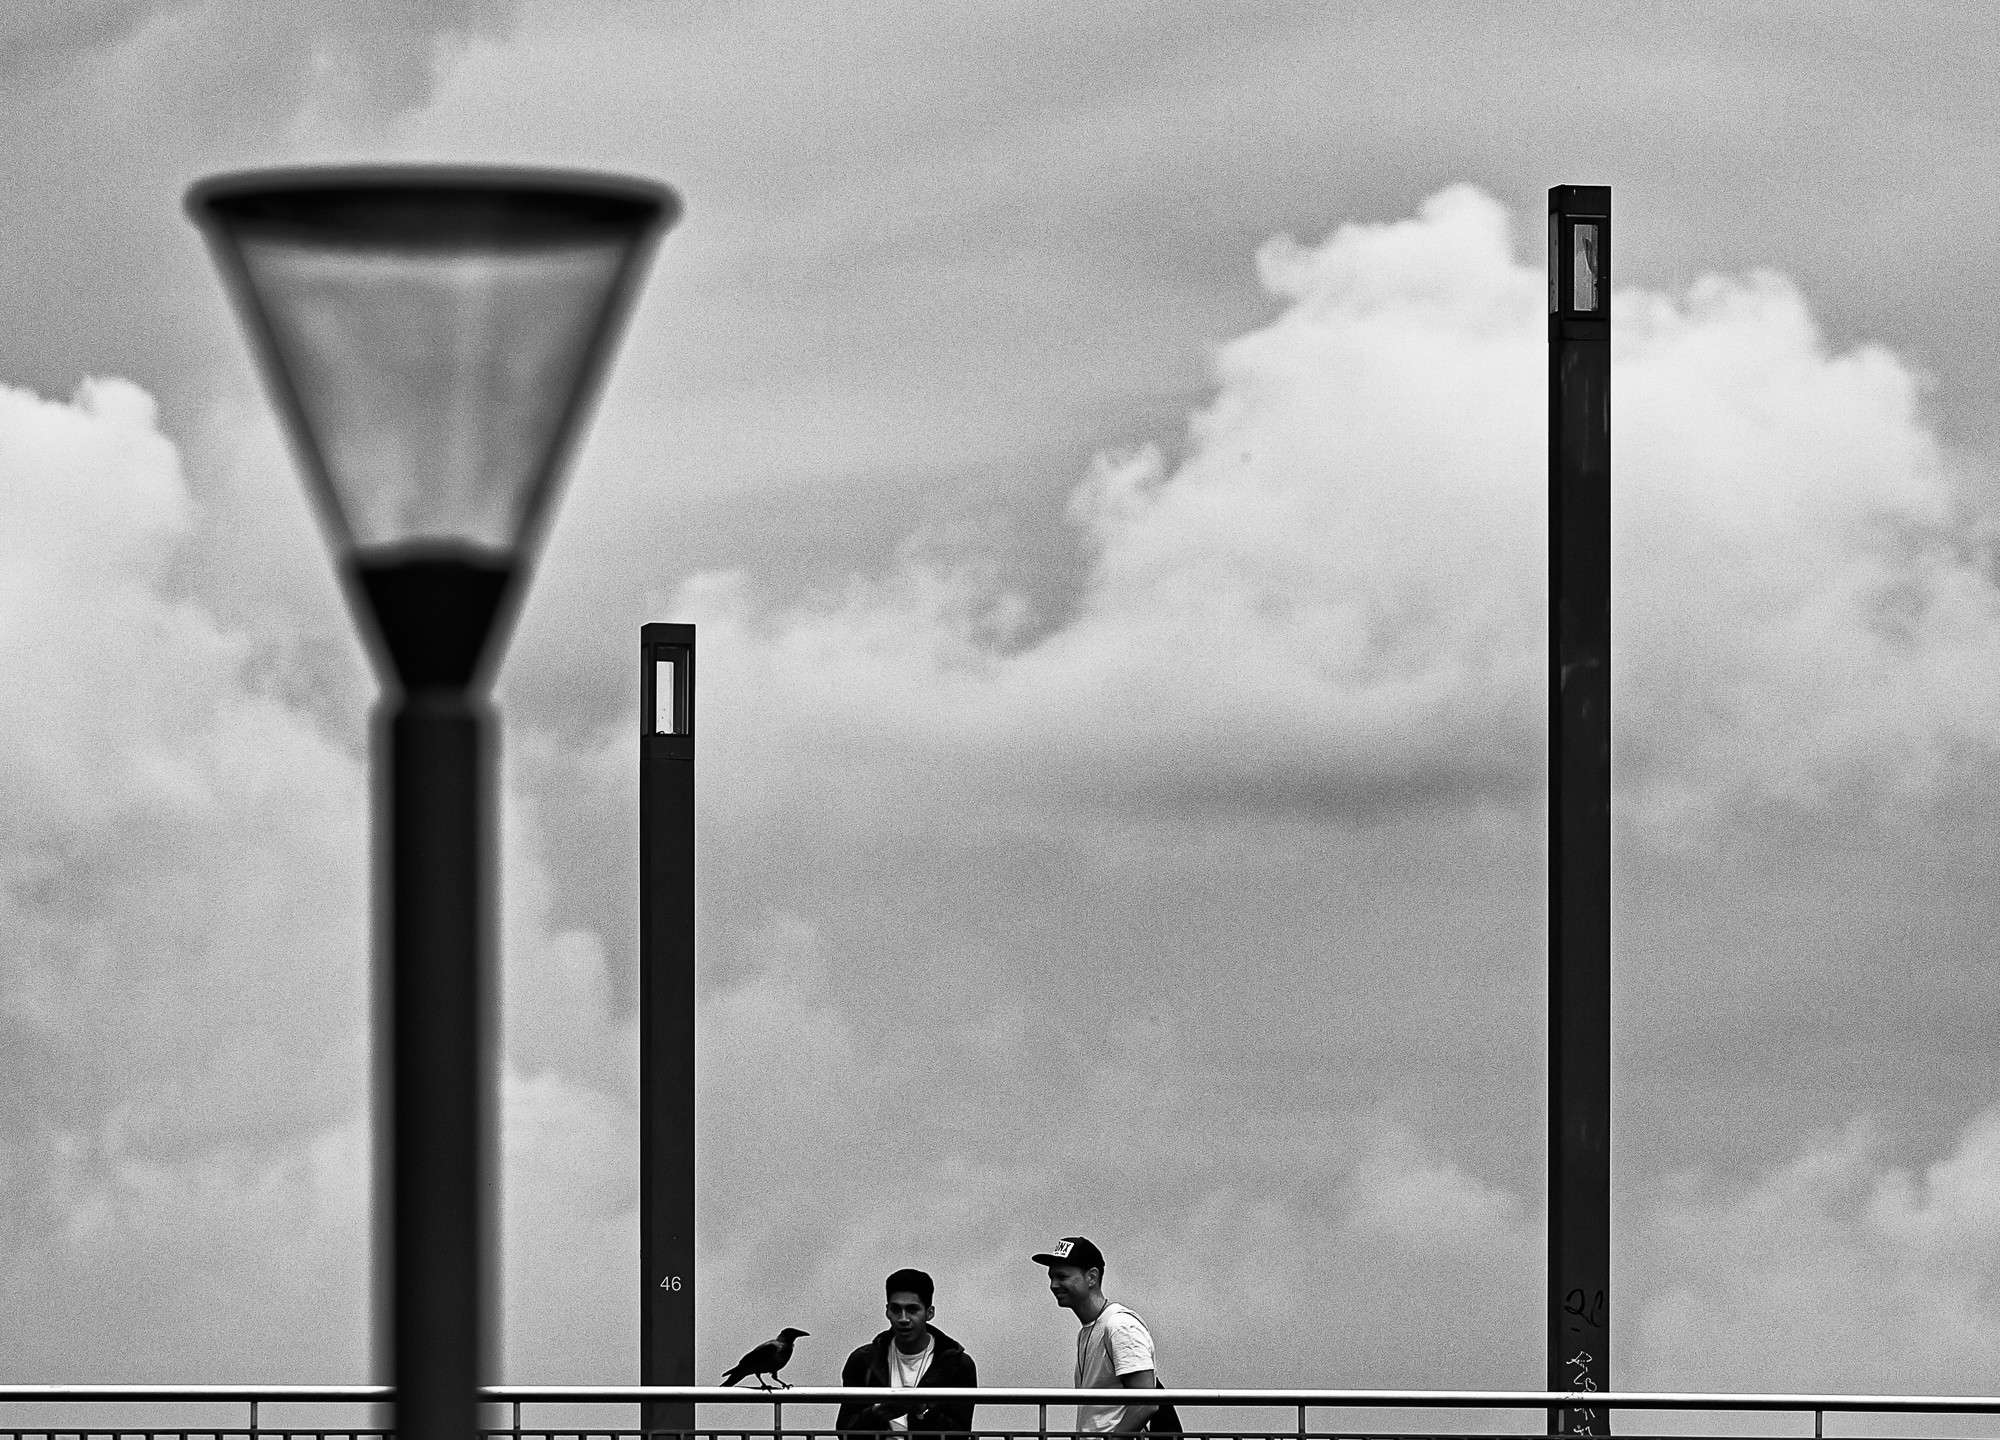 Fotowalk Berlin: Street